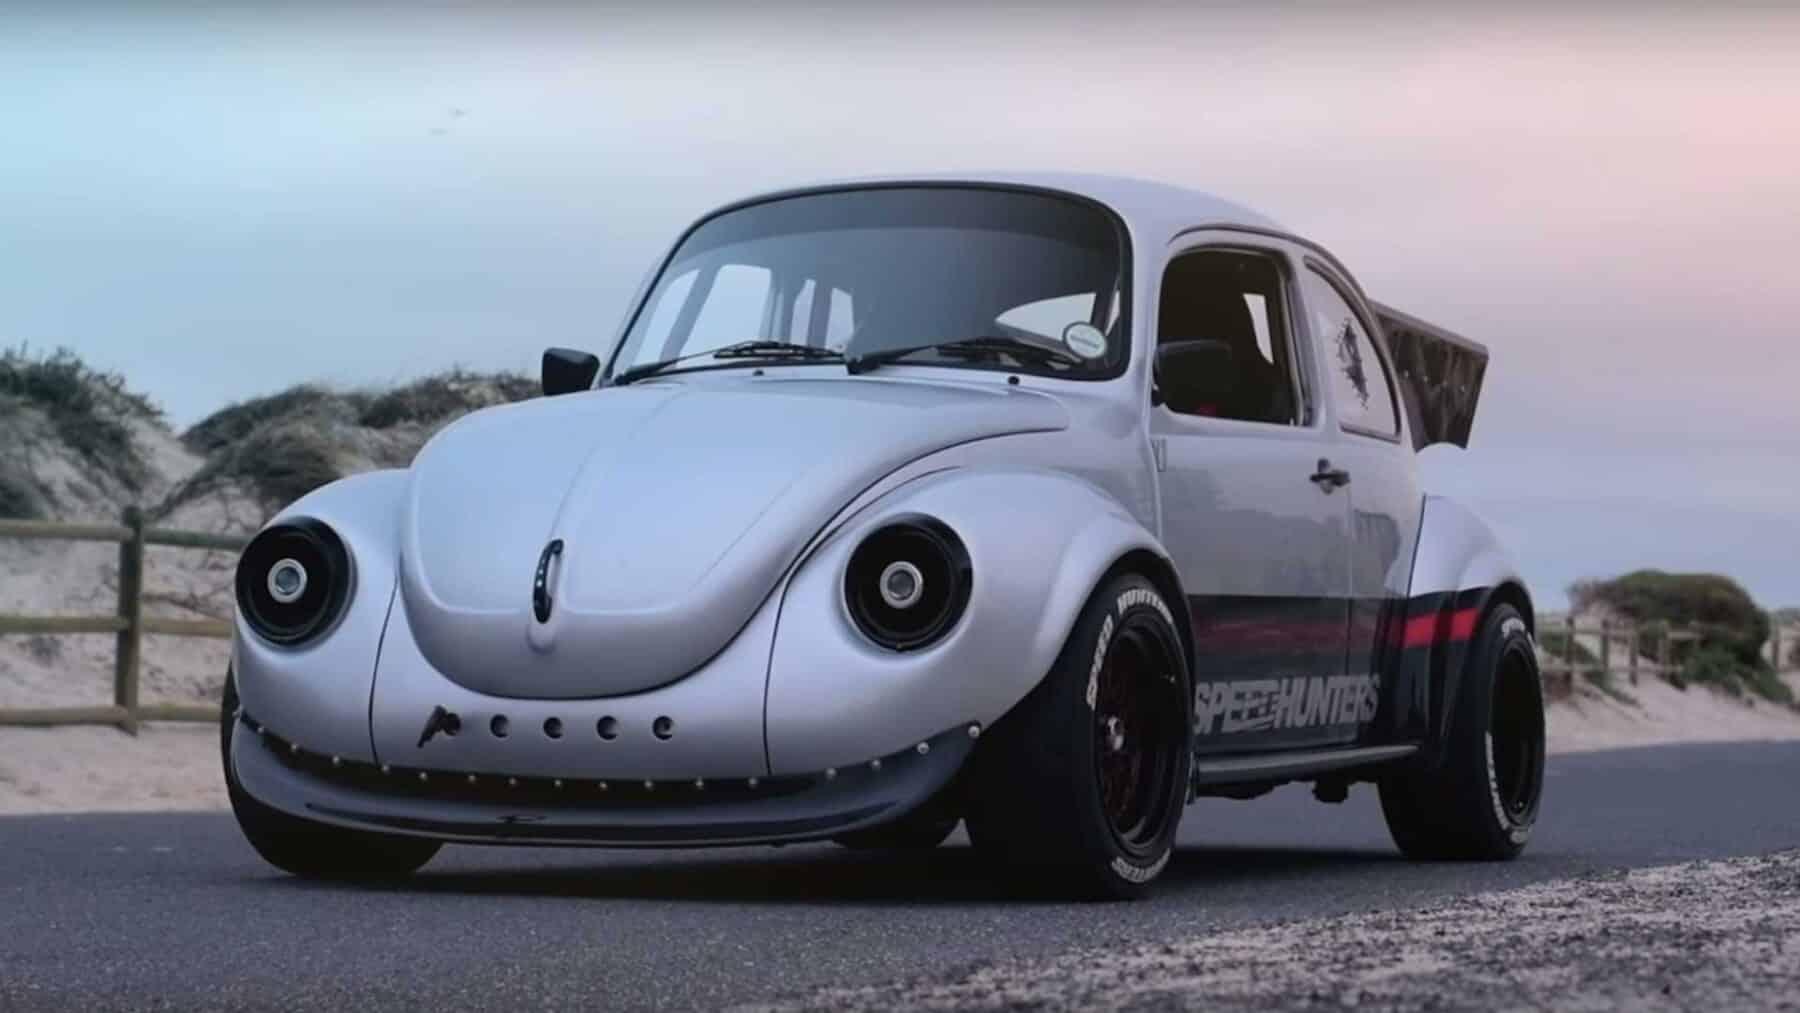 Volkswagen Beetle Con Motor Subaru Speedhunters